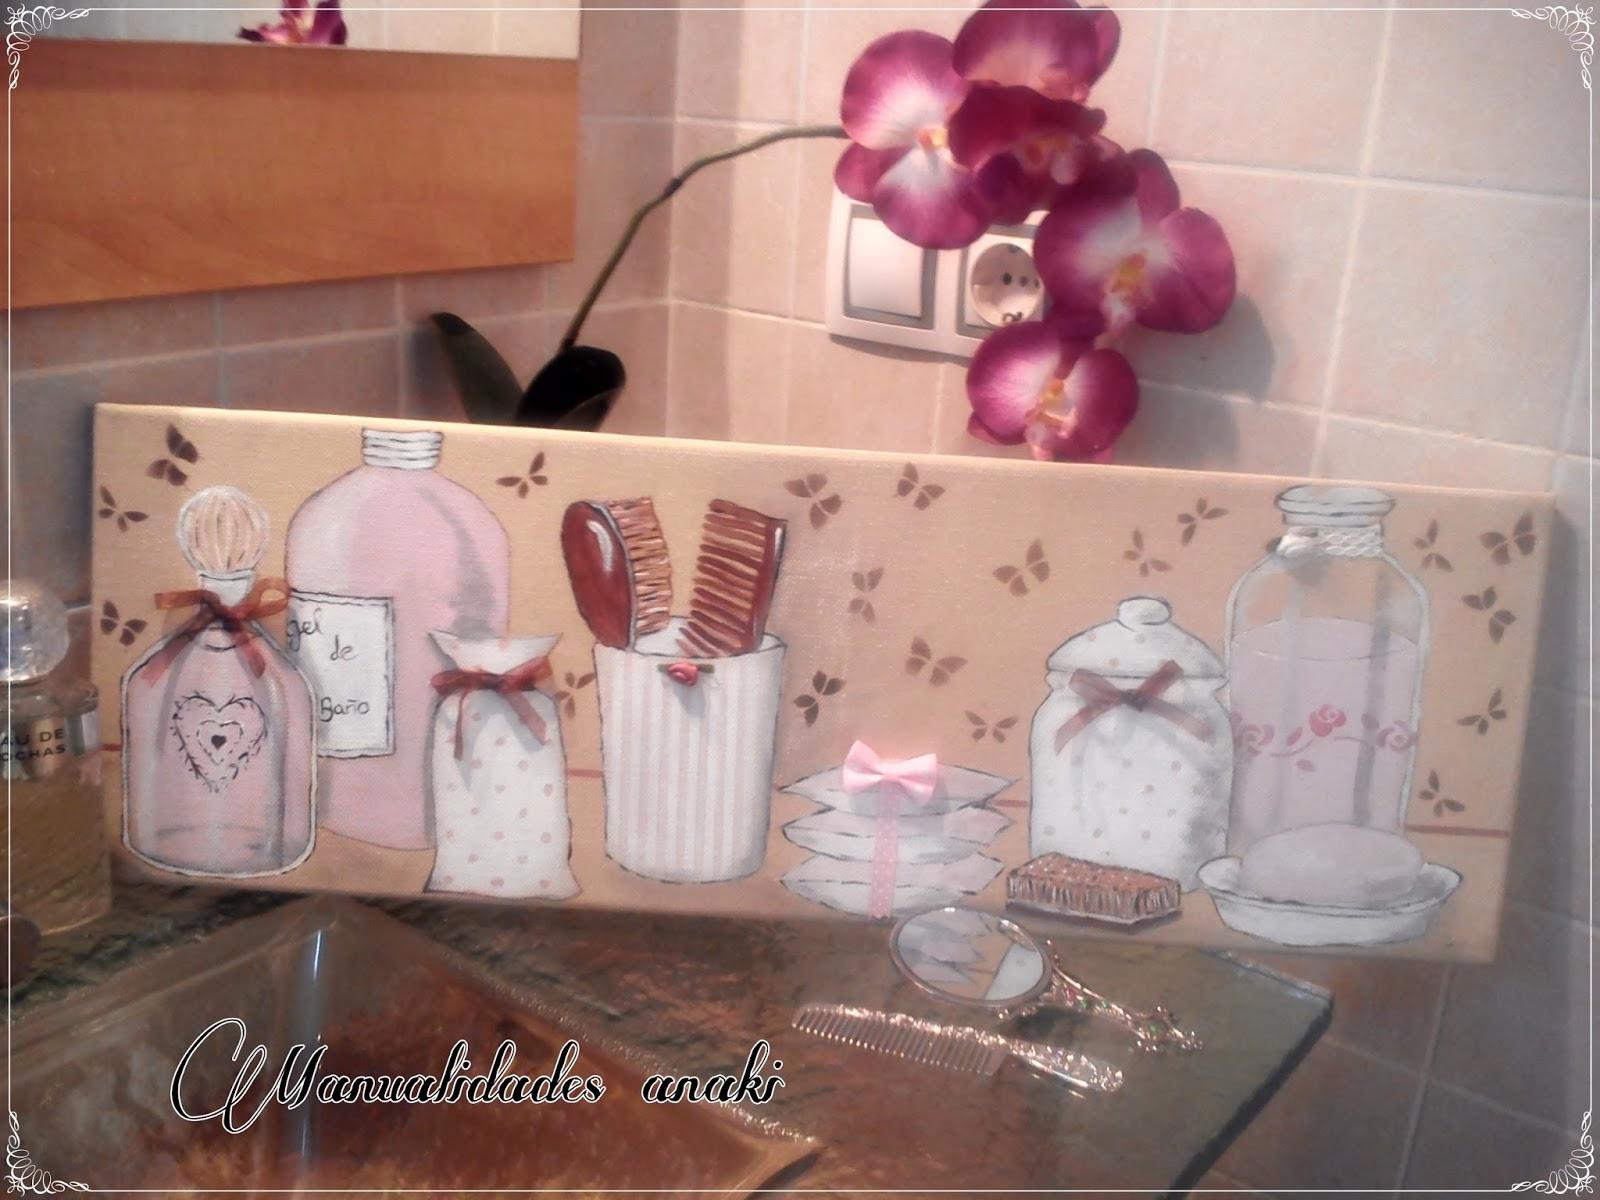 Decoracion Baño Cuadros:Deco Anaki Vintage: cuadro para baño en rosa